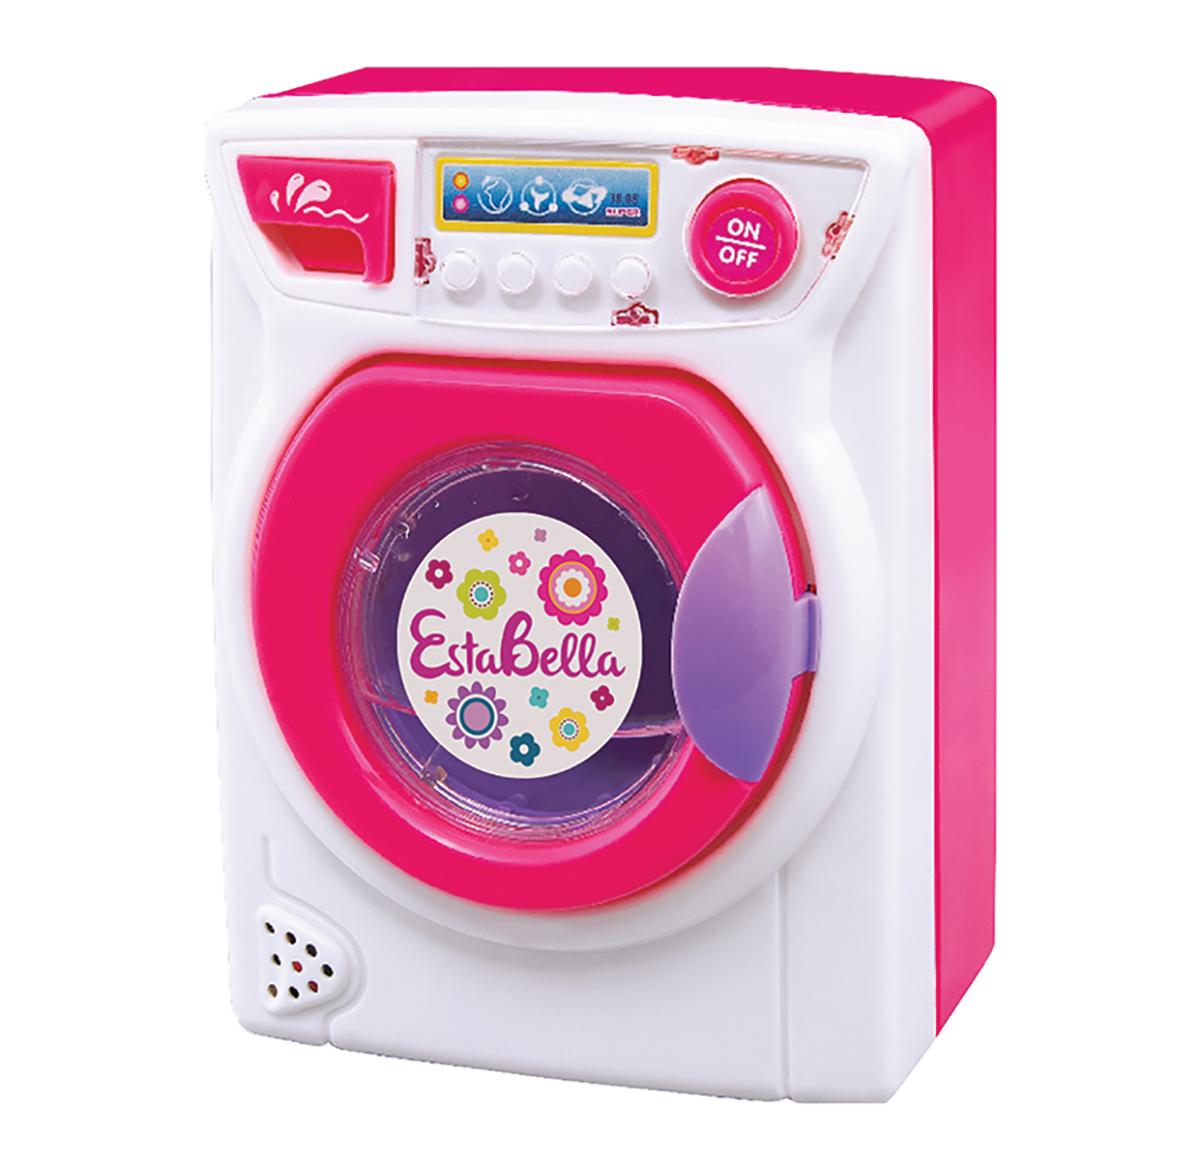 EstaBella Игровой набор Бытовая техника Стиральная машина детская стиральная машинка с водой купить